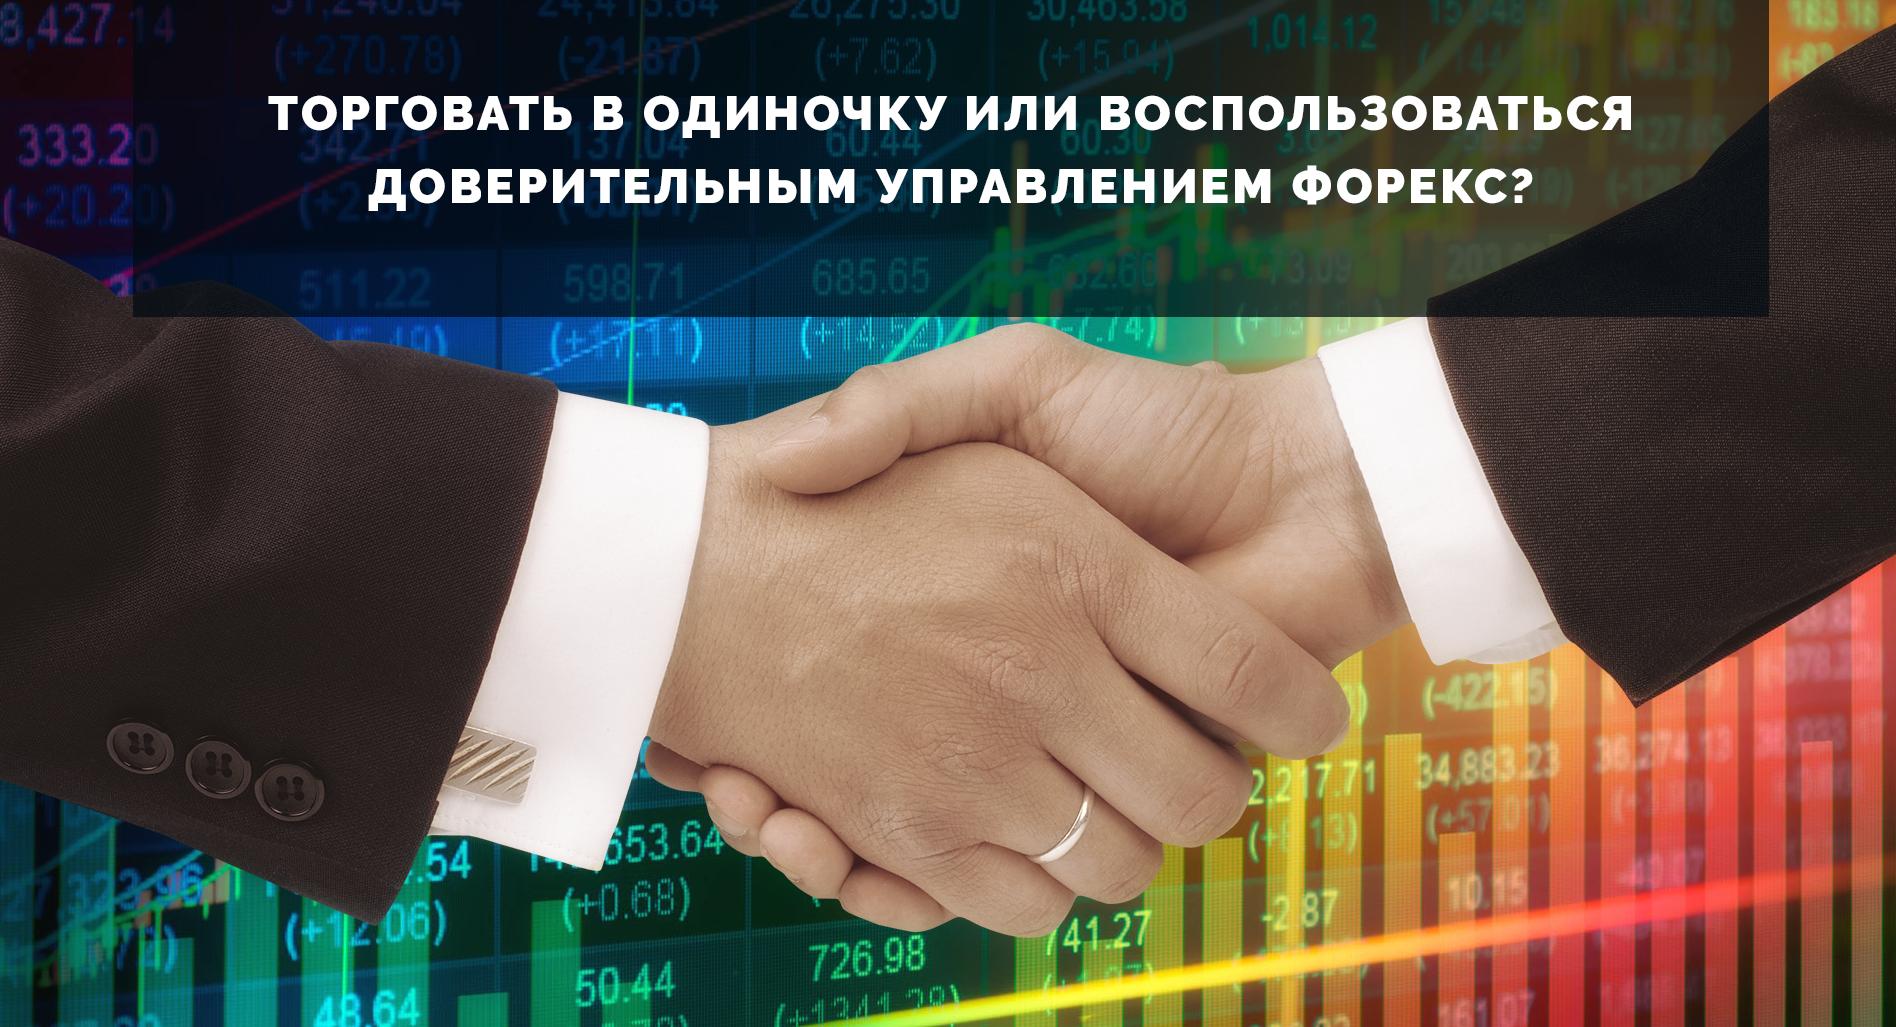 Торговать в одиночку или воспользоваться доверительным управлением форекс.png